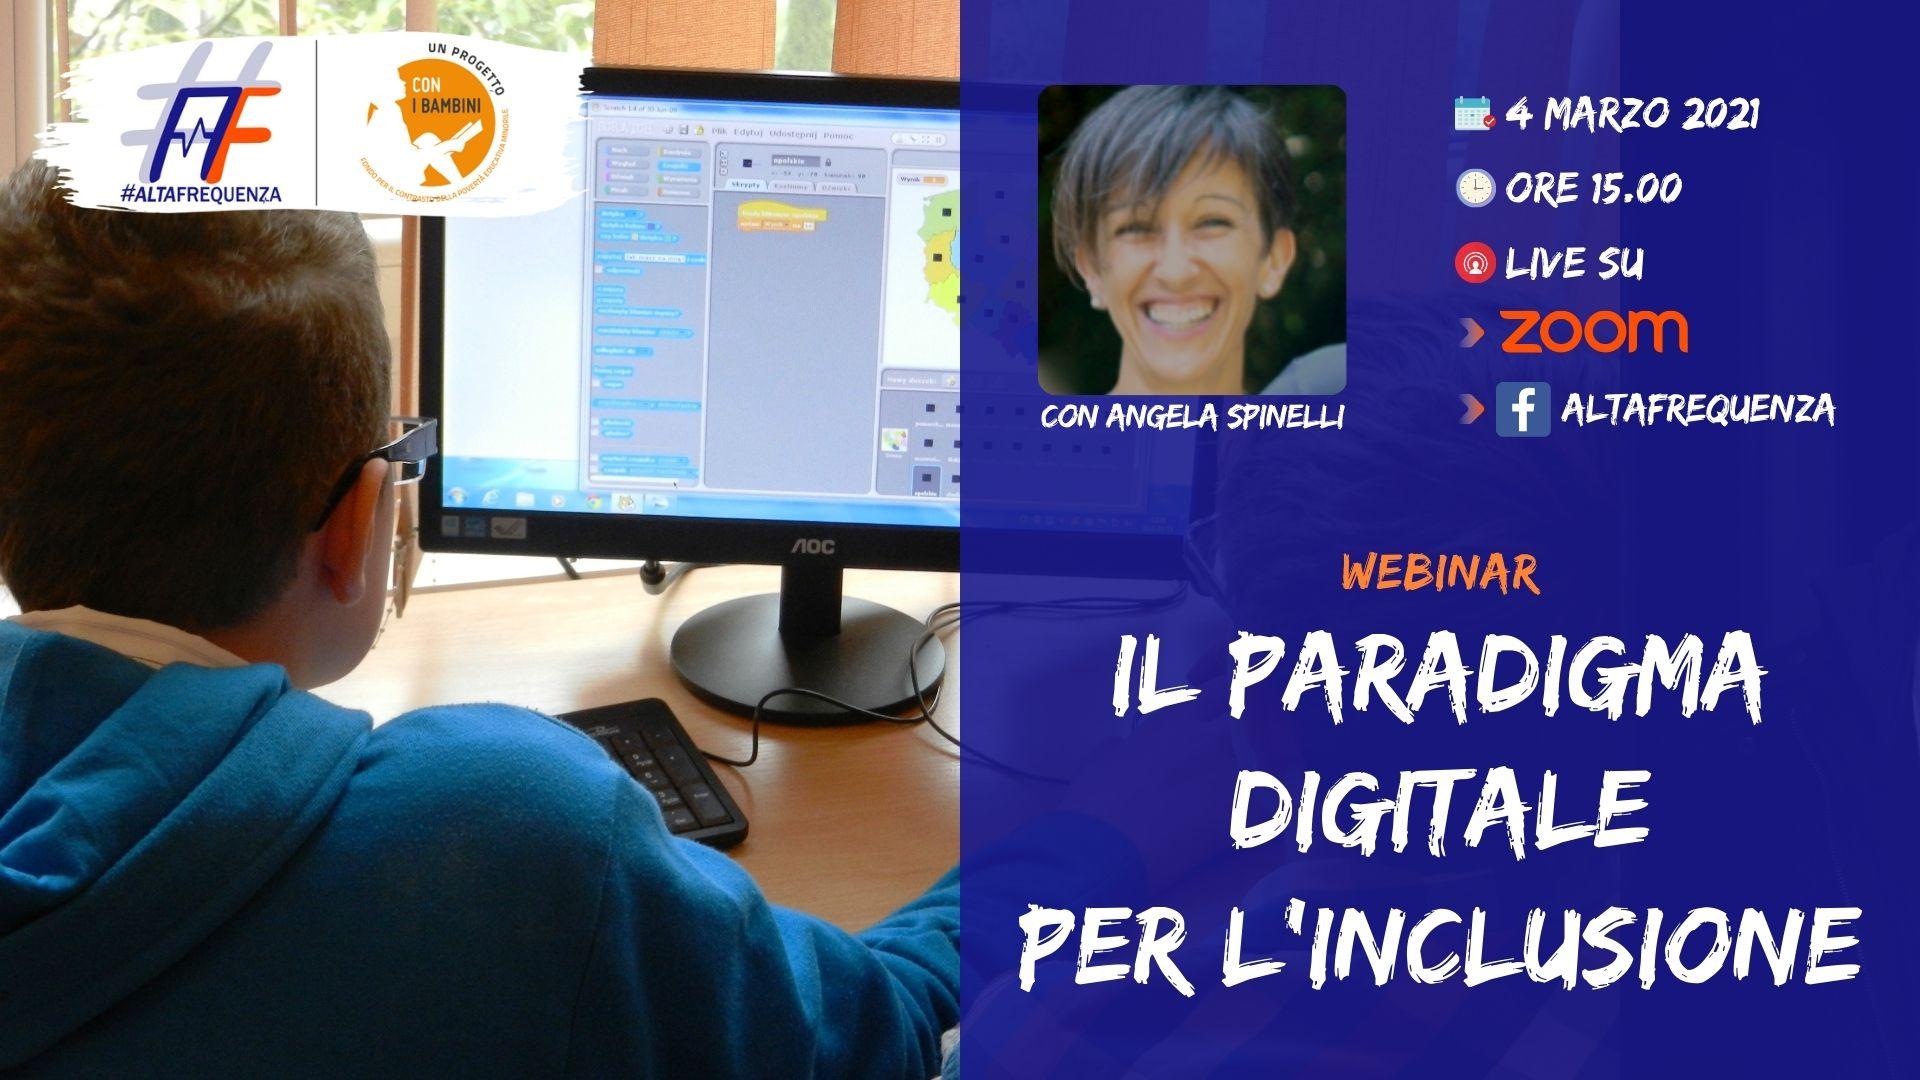 Webinar con Angela Spinelli del 4 marzo